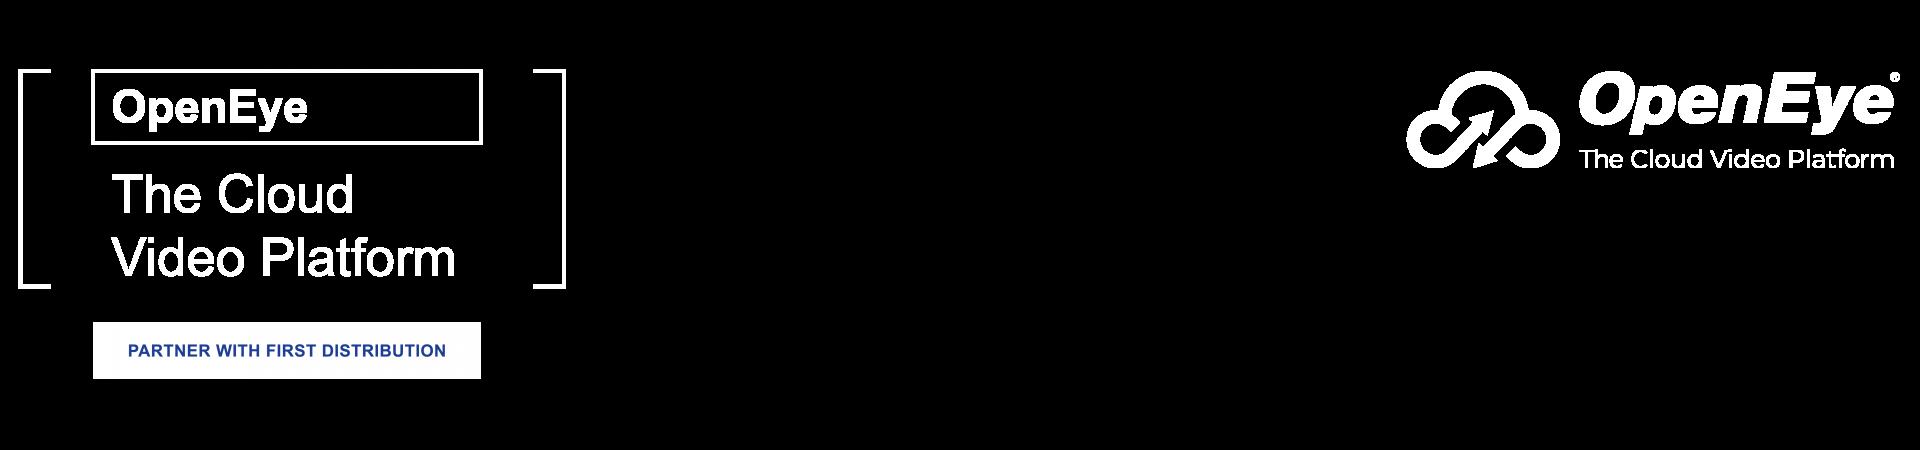 OpenEye Microsite Header-01